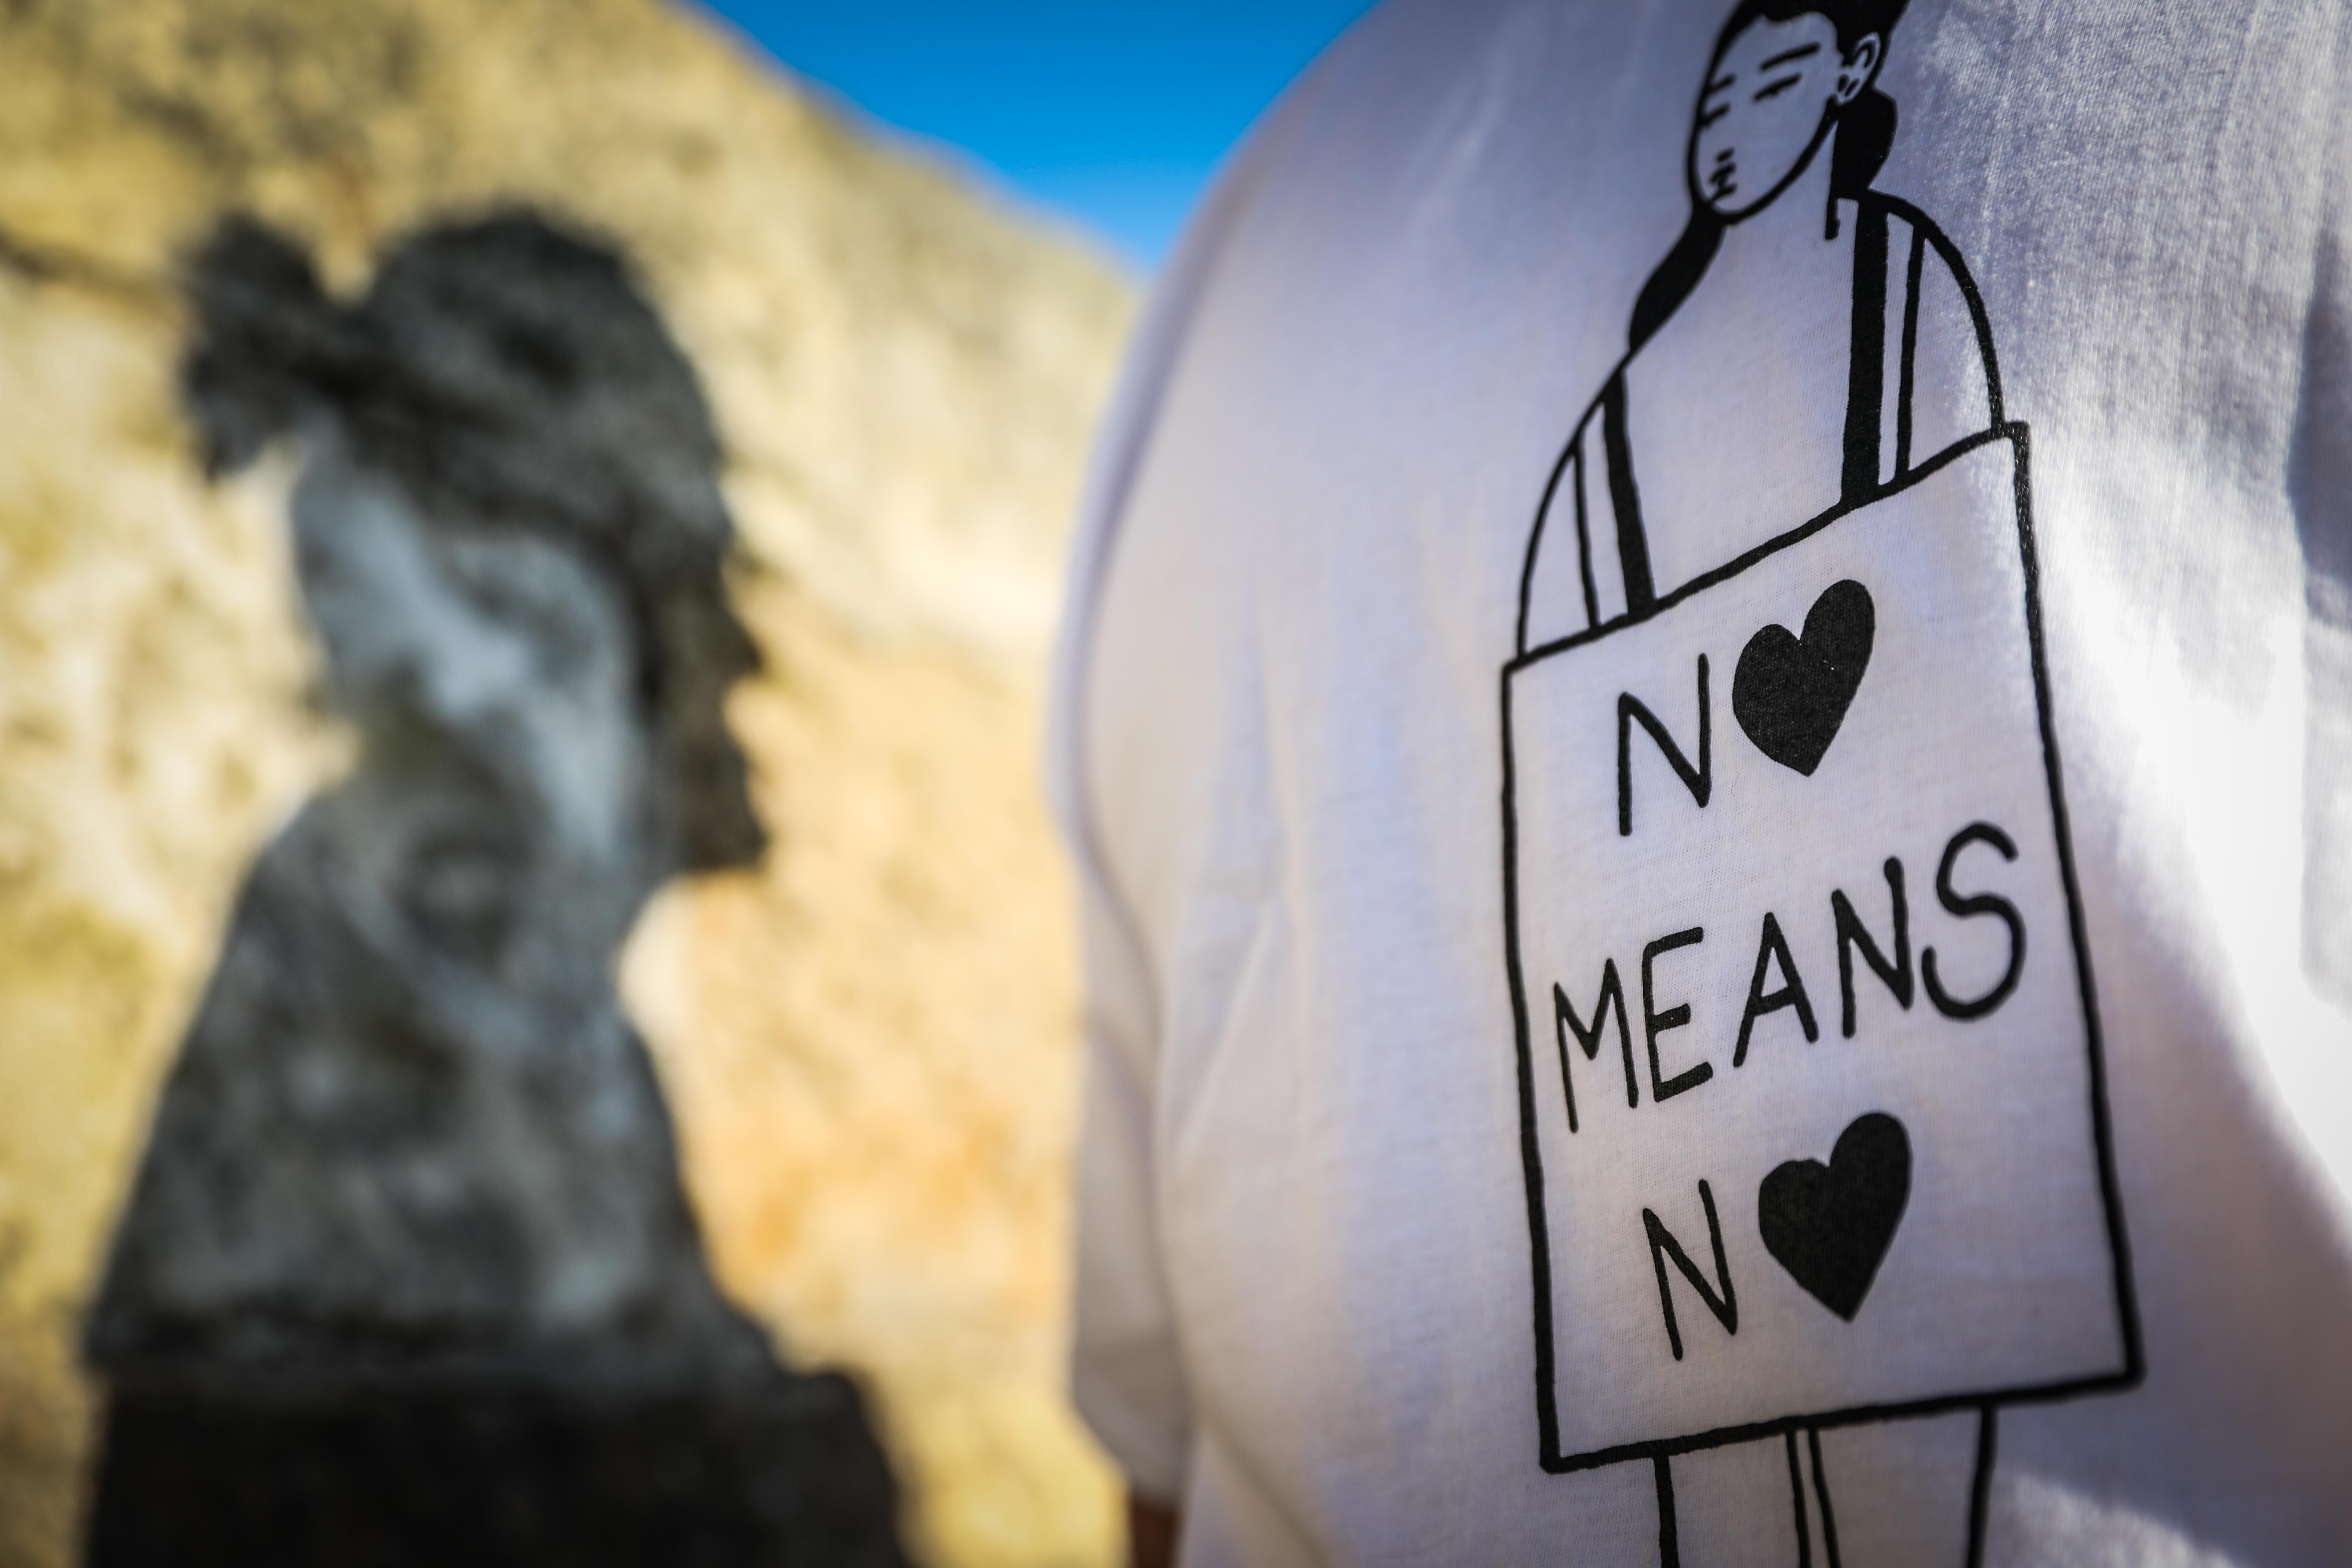 St Andrews graduate and rape survivor Miss M campaigns against the not proven verdict